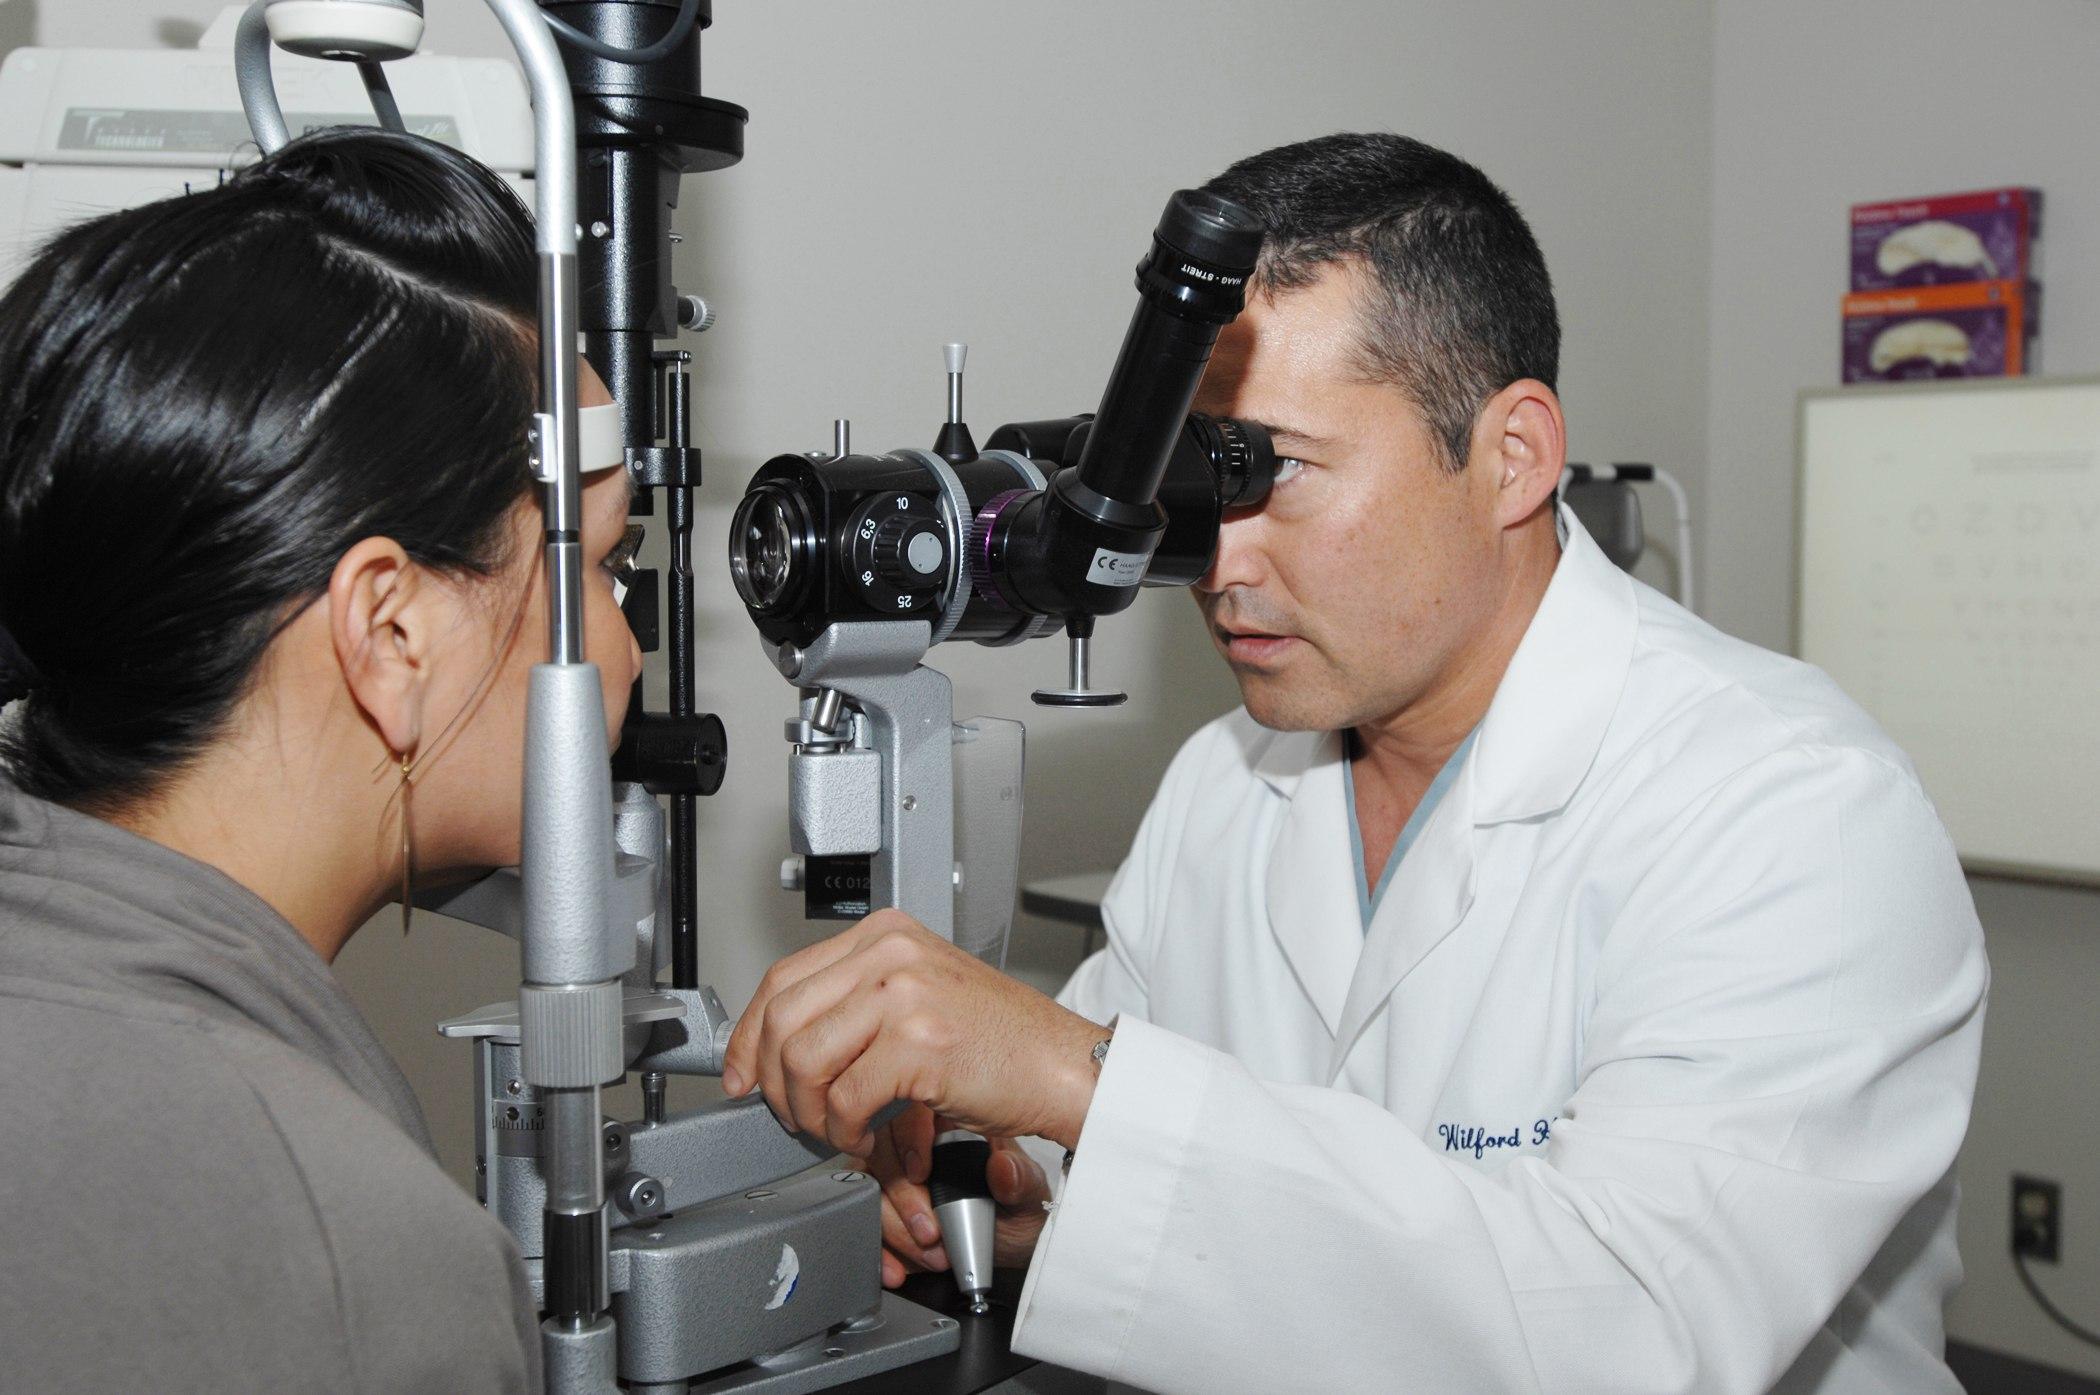 Статья - Что делает офтальмологический техник?